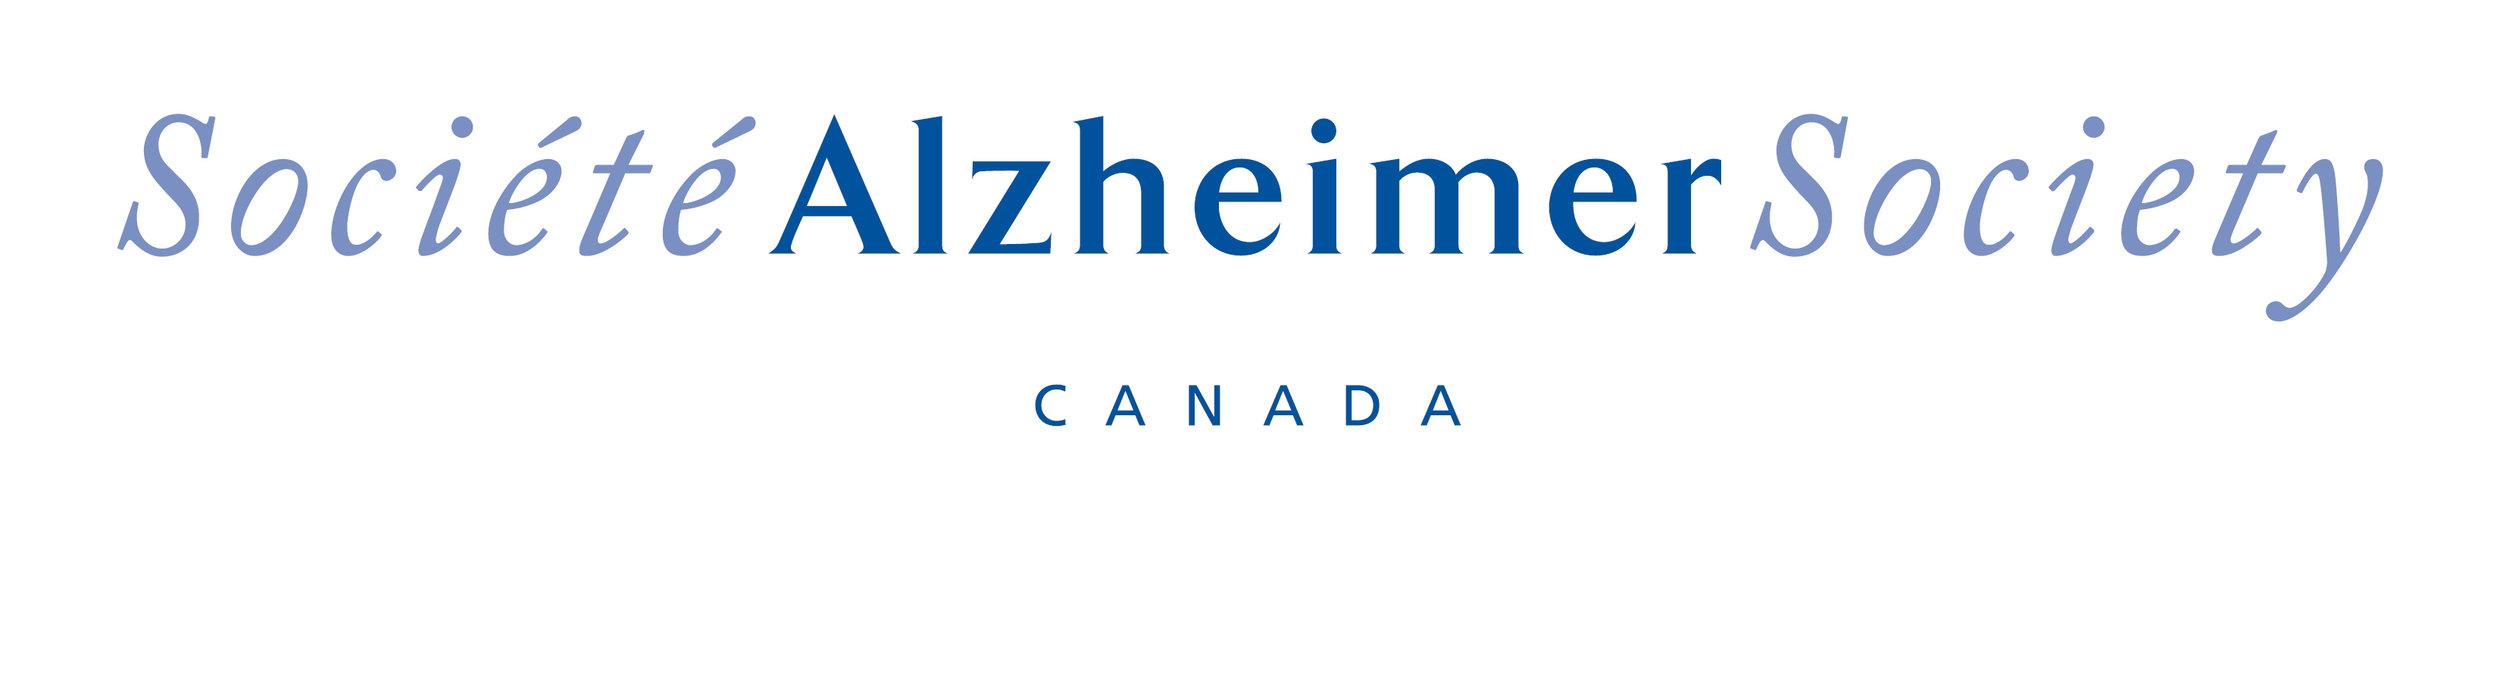 Alzheimer_Society_of_Canada(bilingual line).jpg